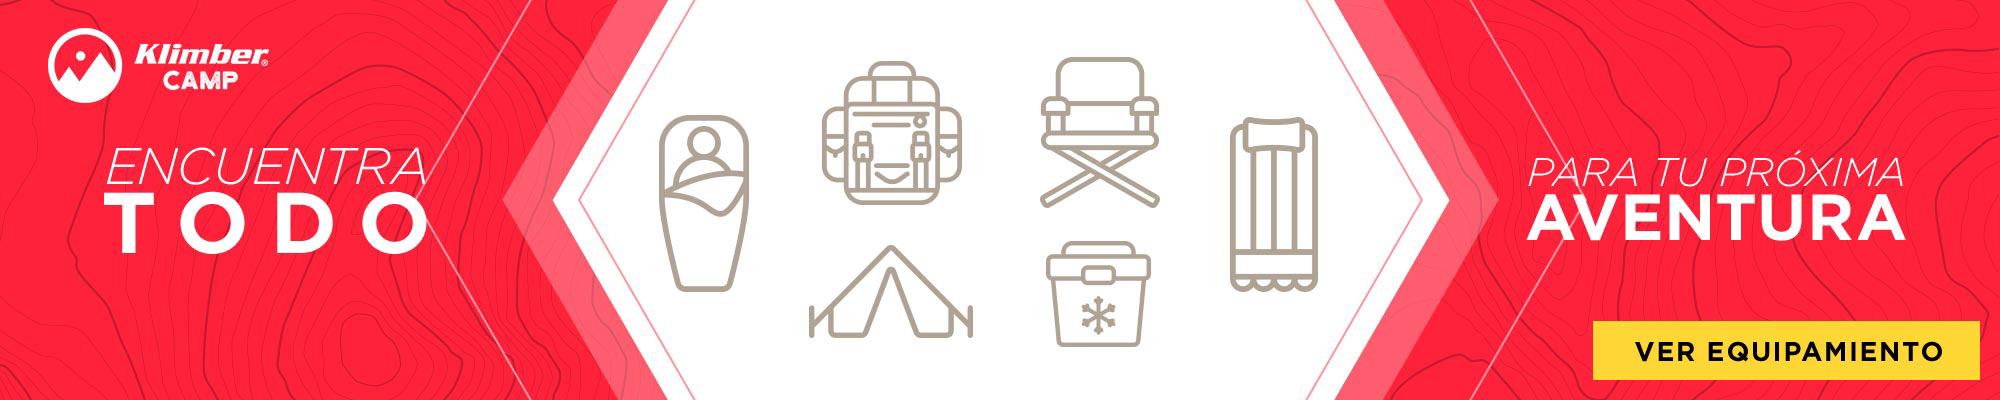 Productos para camping recomendados móvil